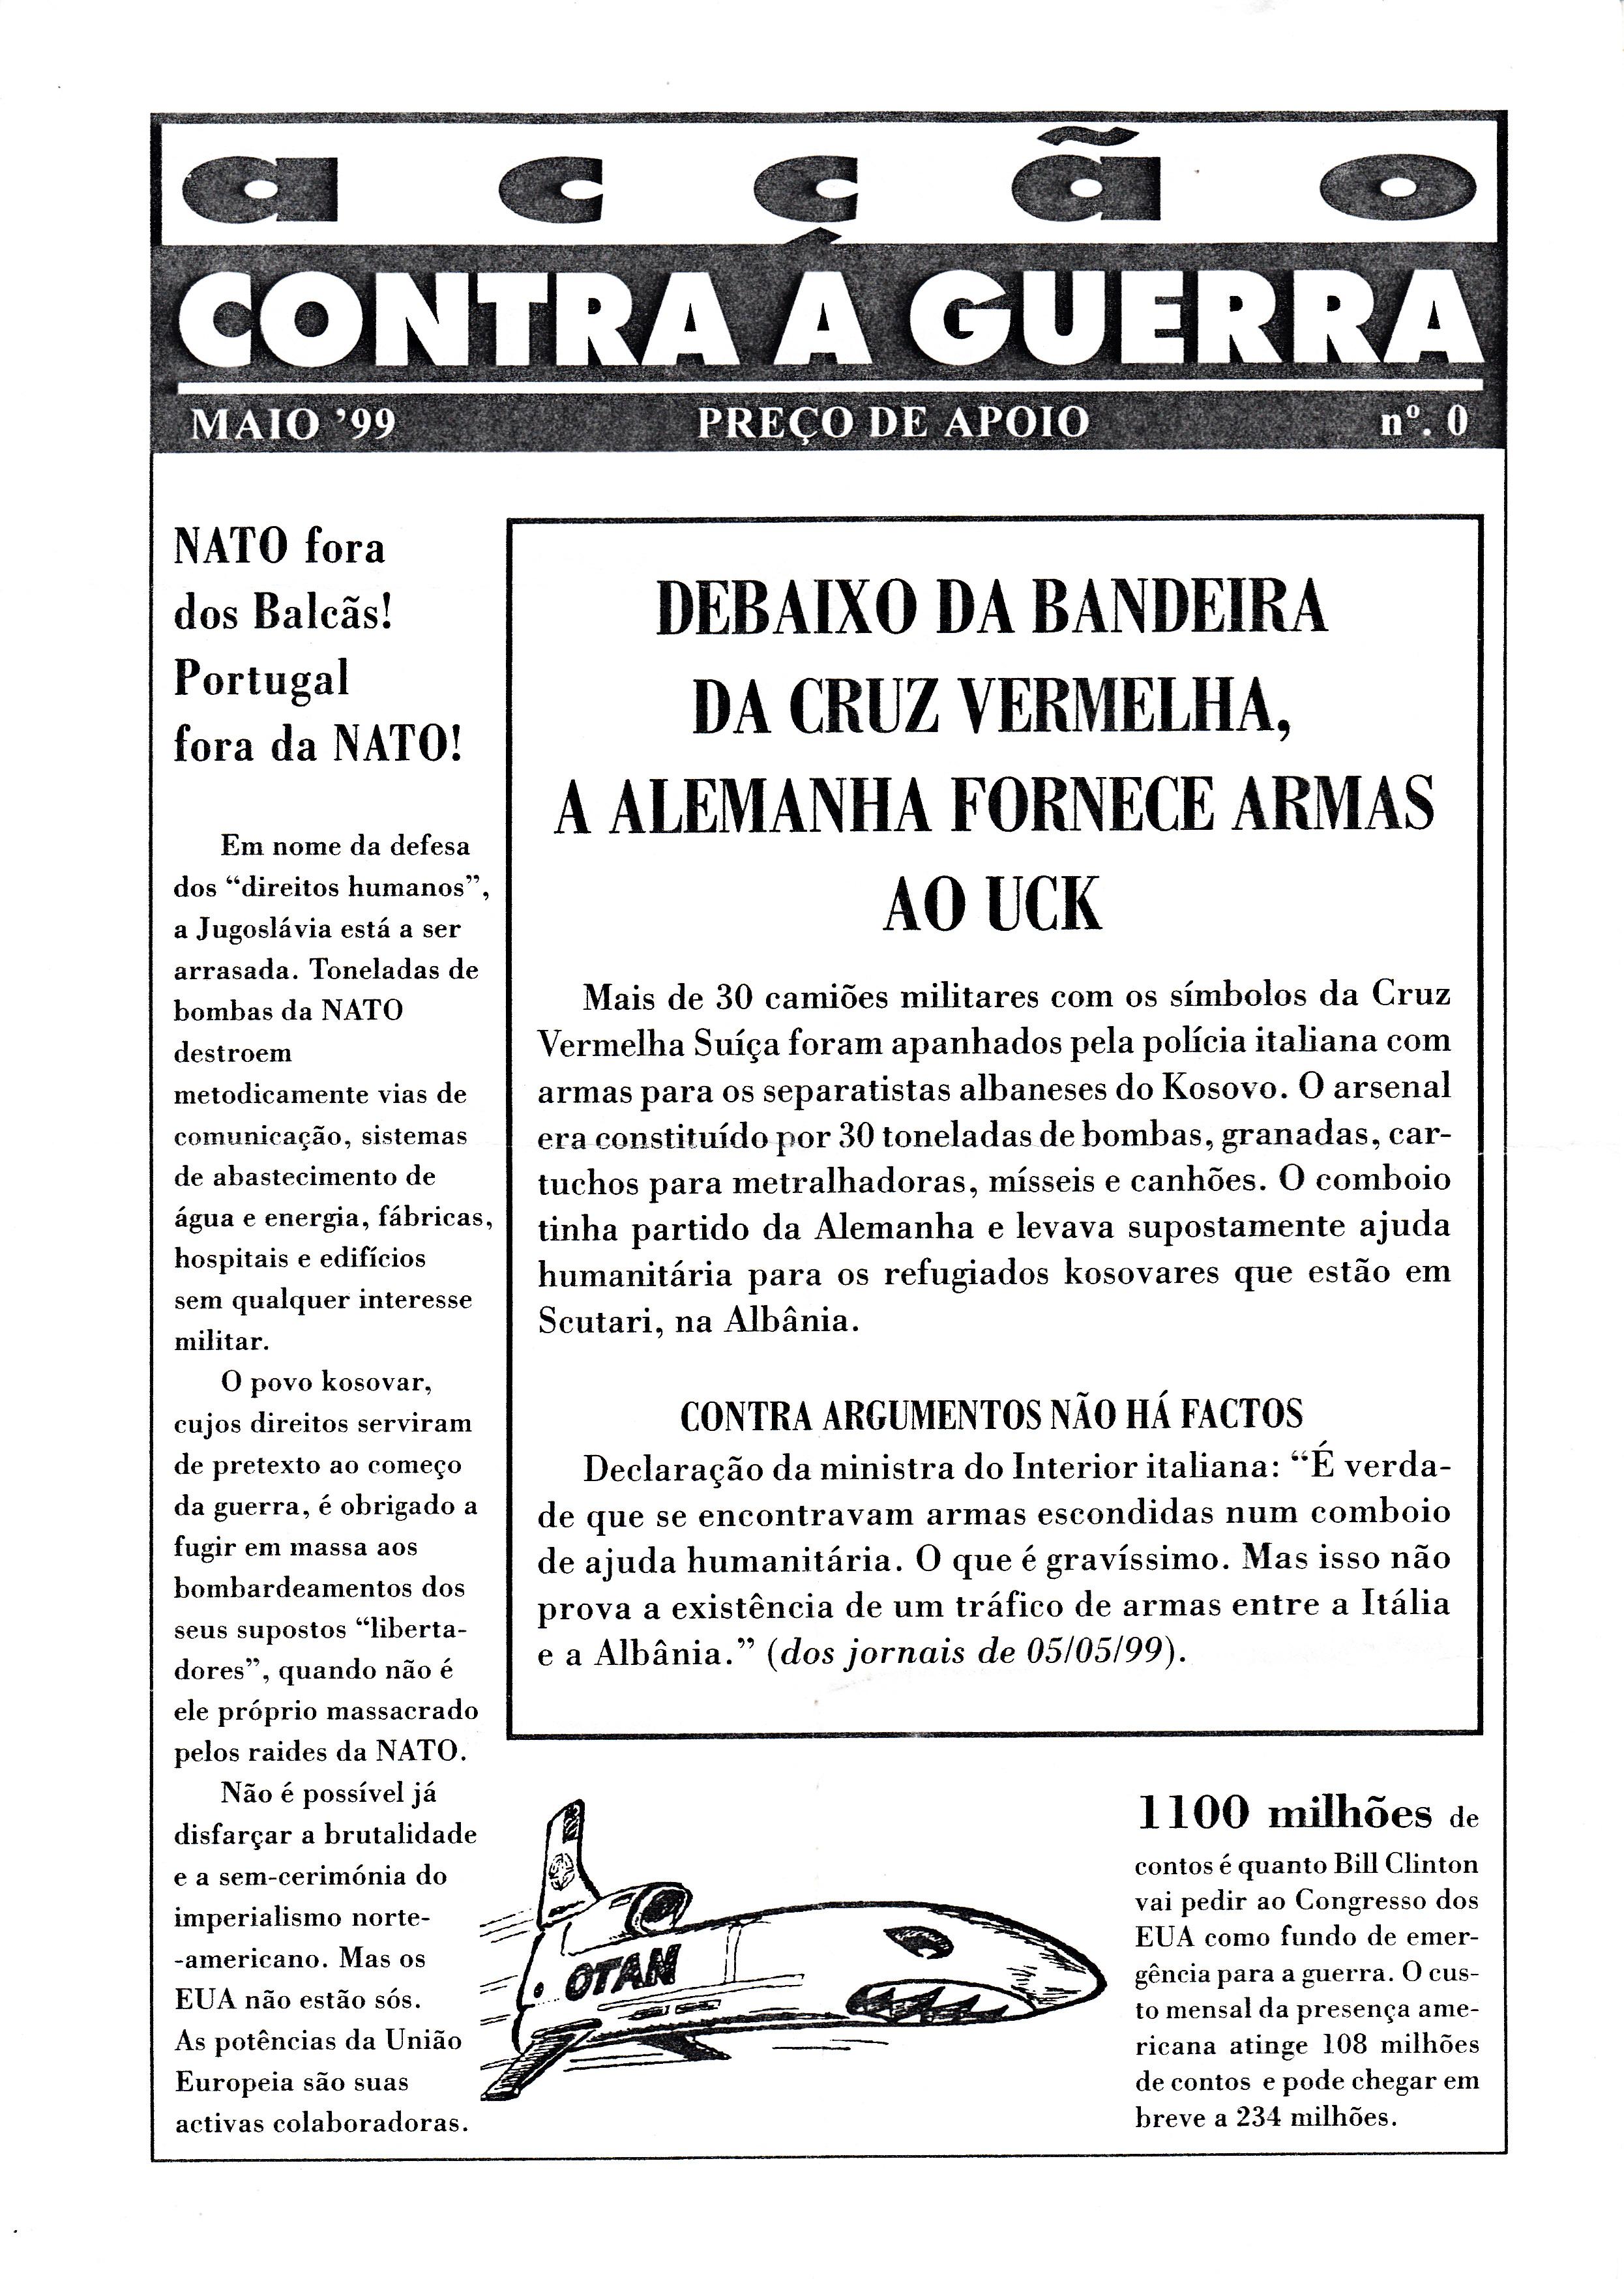 Accao_Contra_Guerra_0_0001